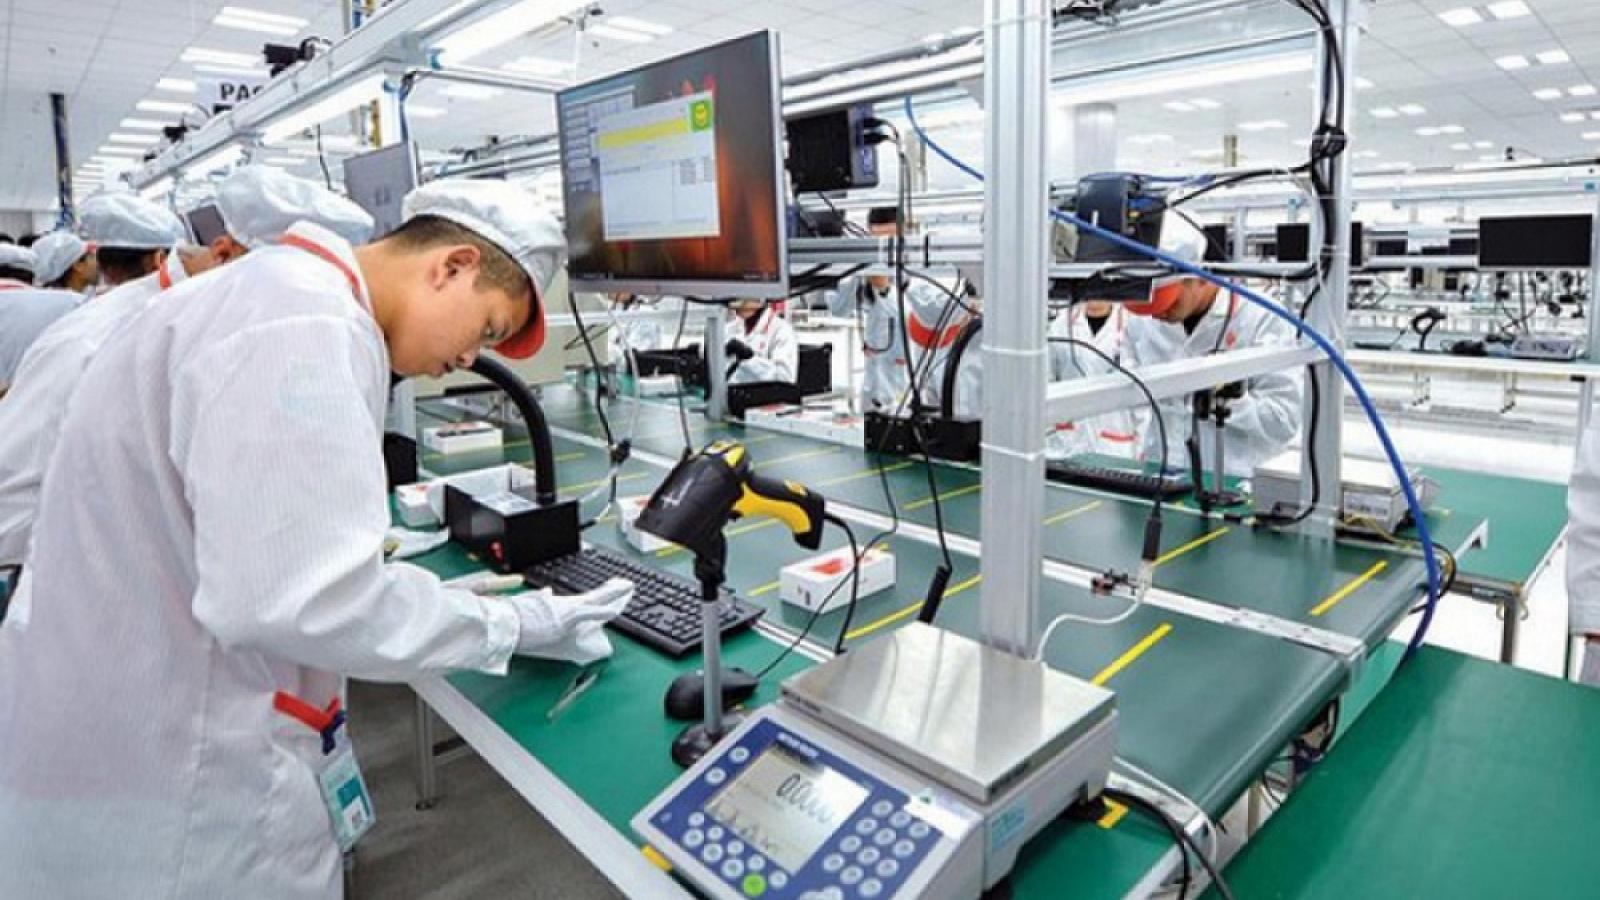 Ngân hàng Thế giới cảnh báo dấu hiệu hoạt động kinh tế Việt Nam chậm lại